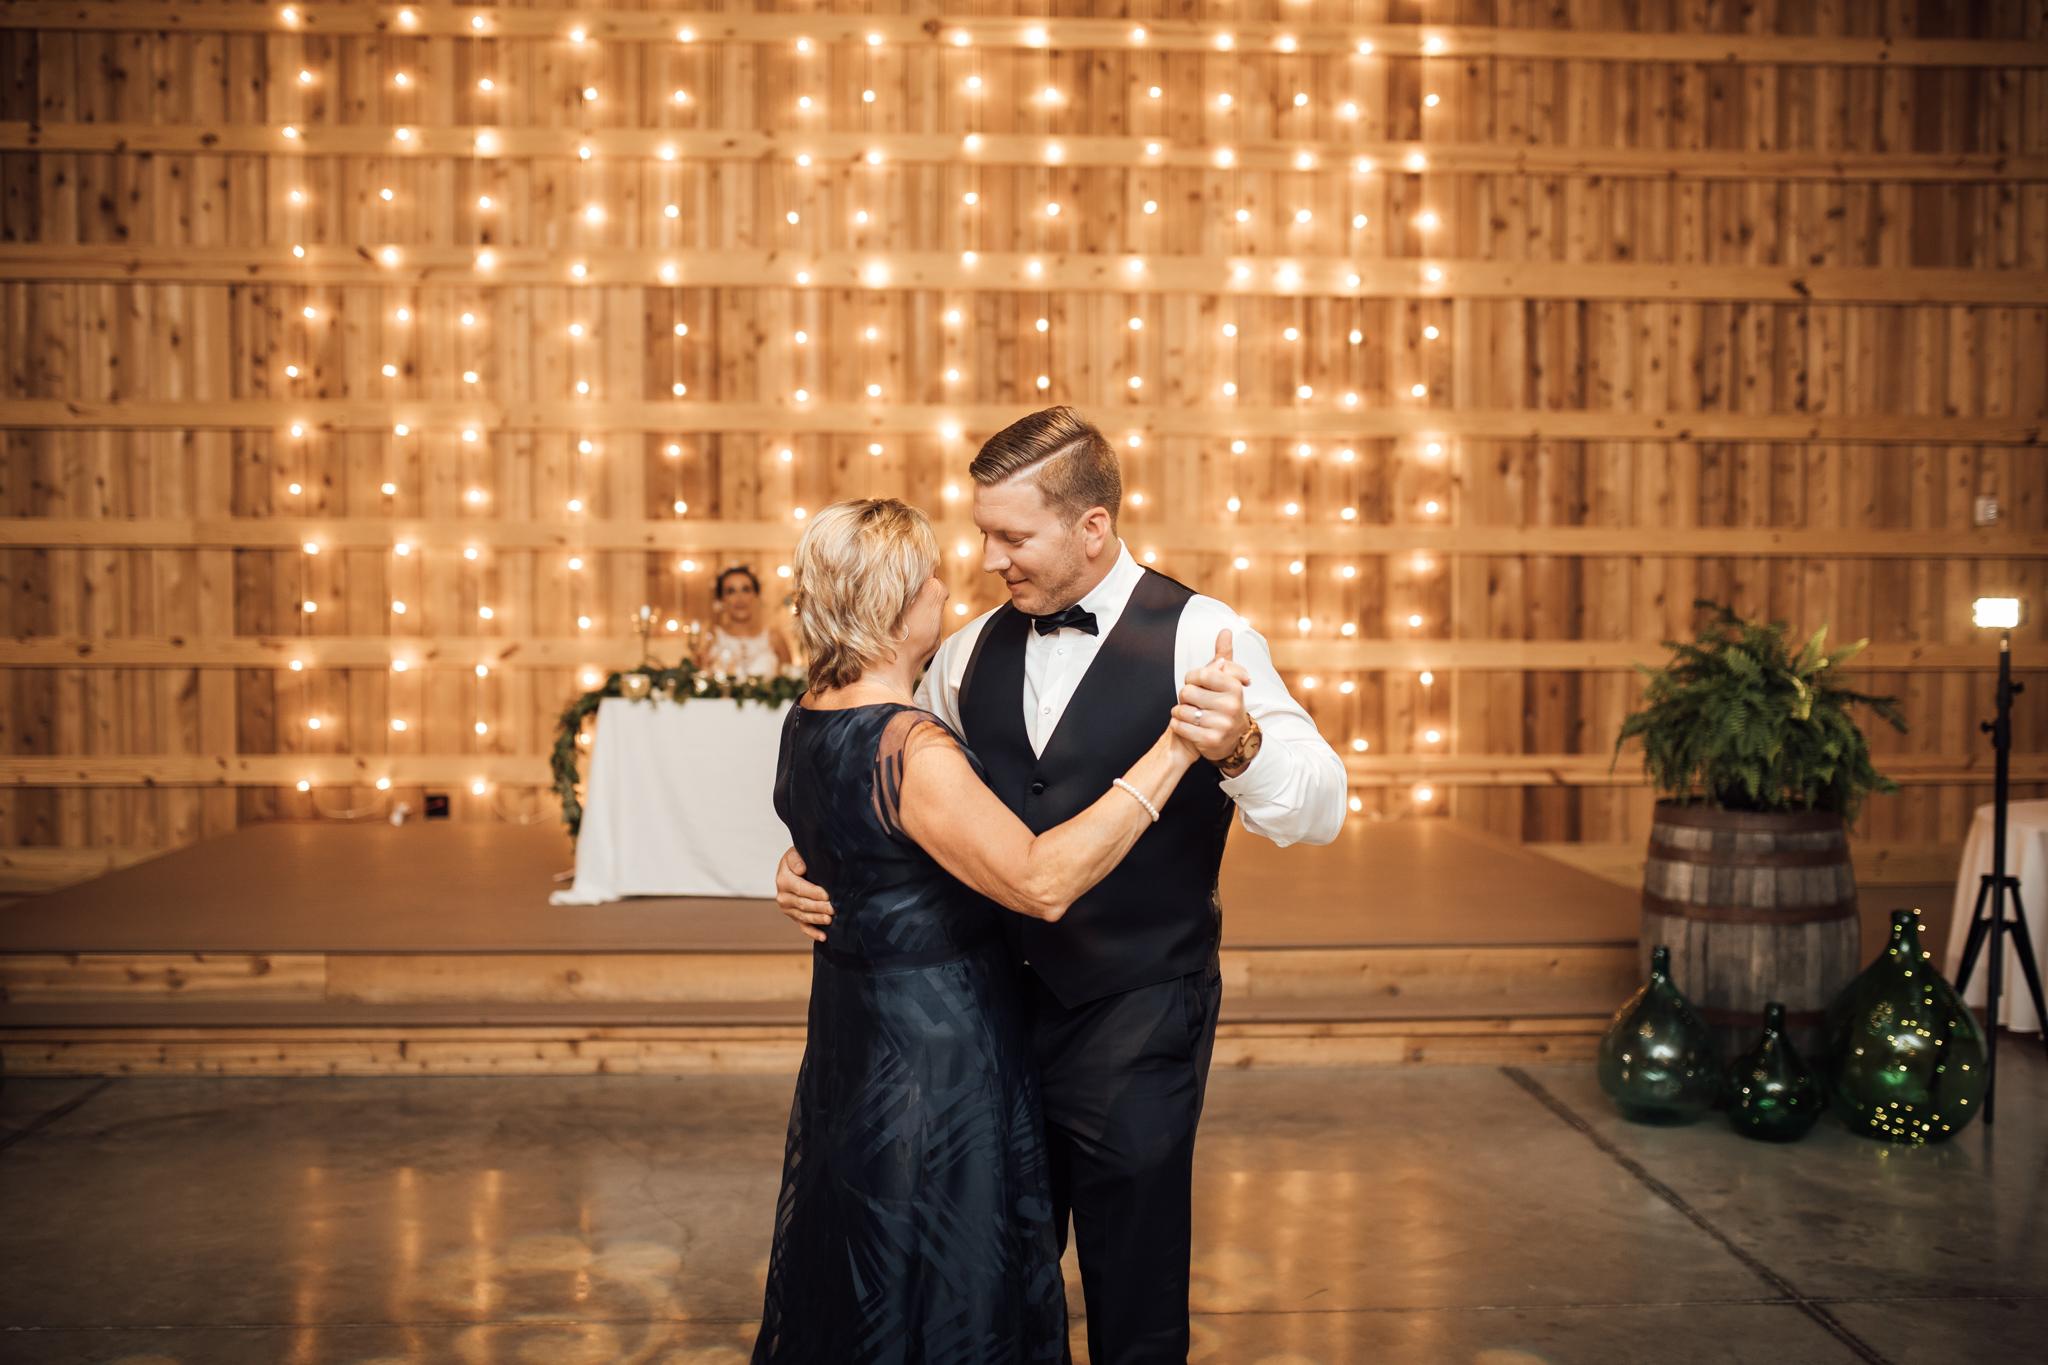 saddlewoodsfarms-nashville-wedding-photographer-thewarmtharoundyou-rustic-wedding (76 of 251).jpg